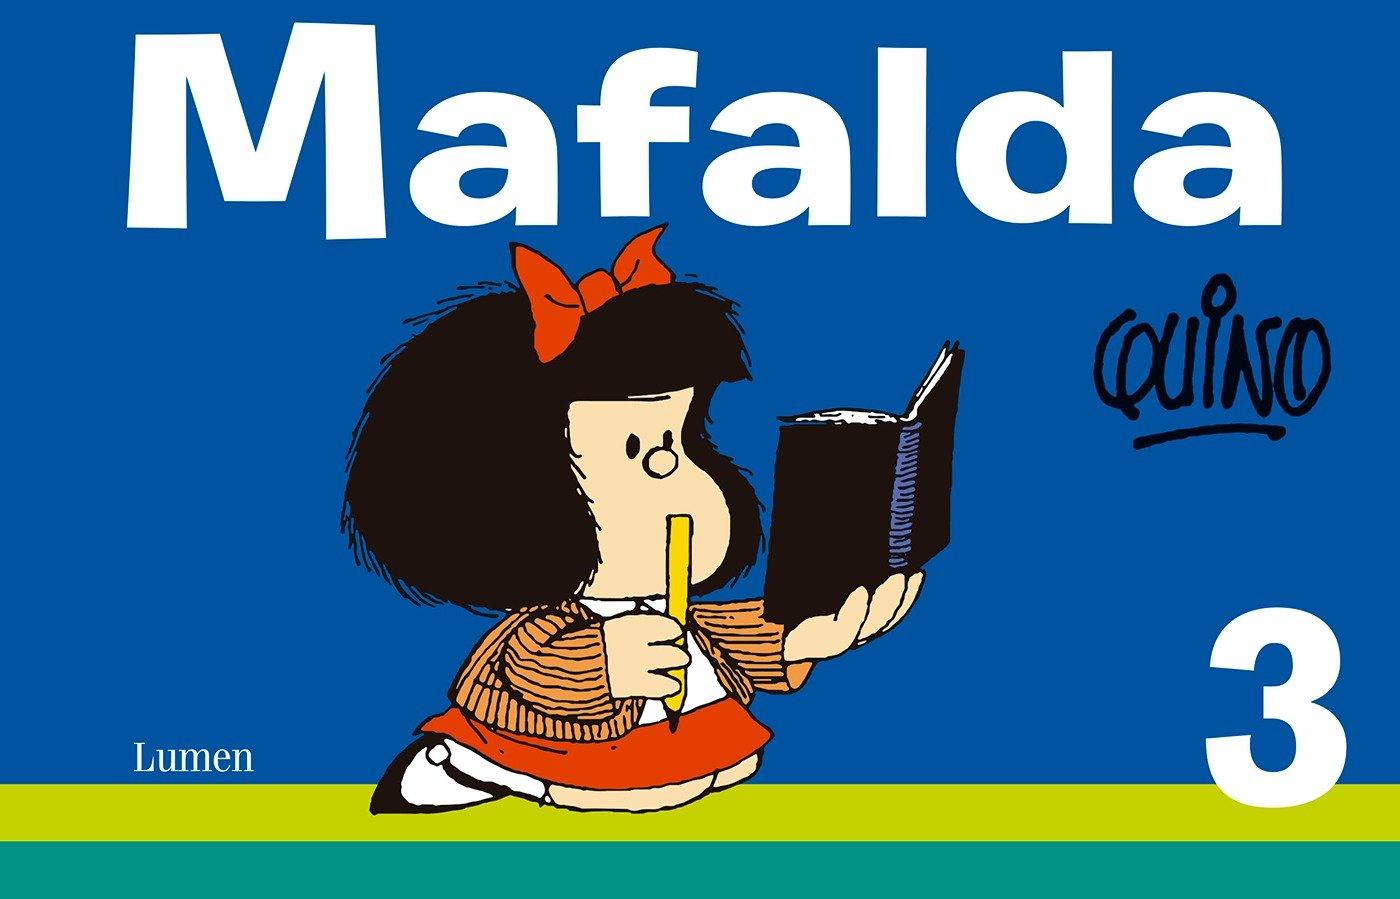 mafalda-3-spanish-edition